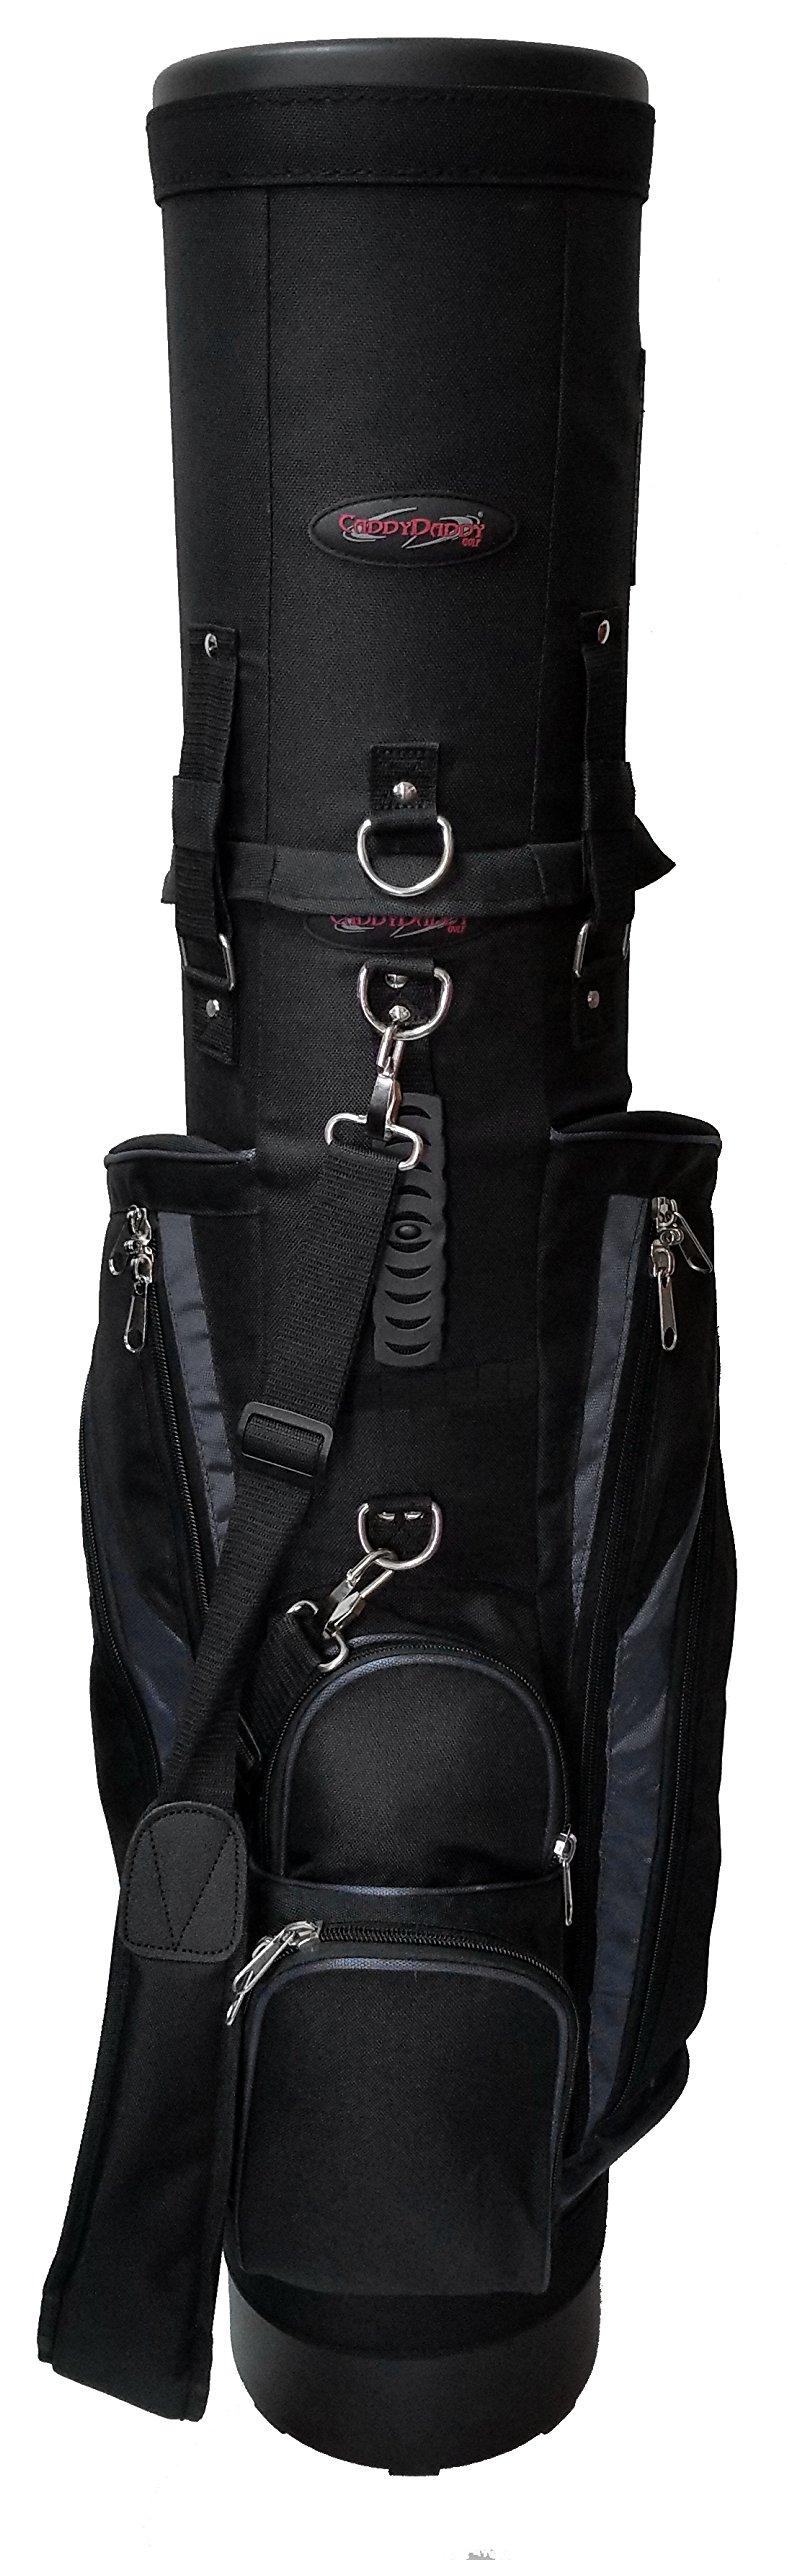 CaddyDaddy Golf Co-Pilot Pro 2 Hybrid Travel Case (Black/Grey) by Caddy Daddy